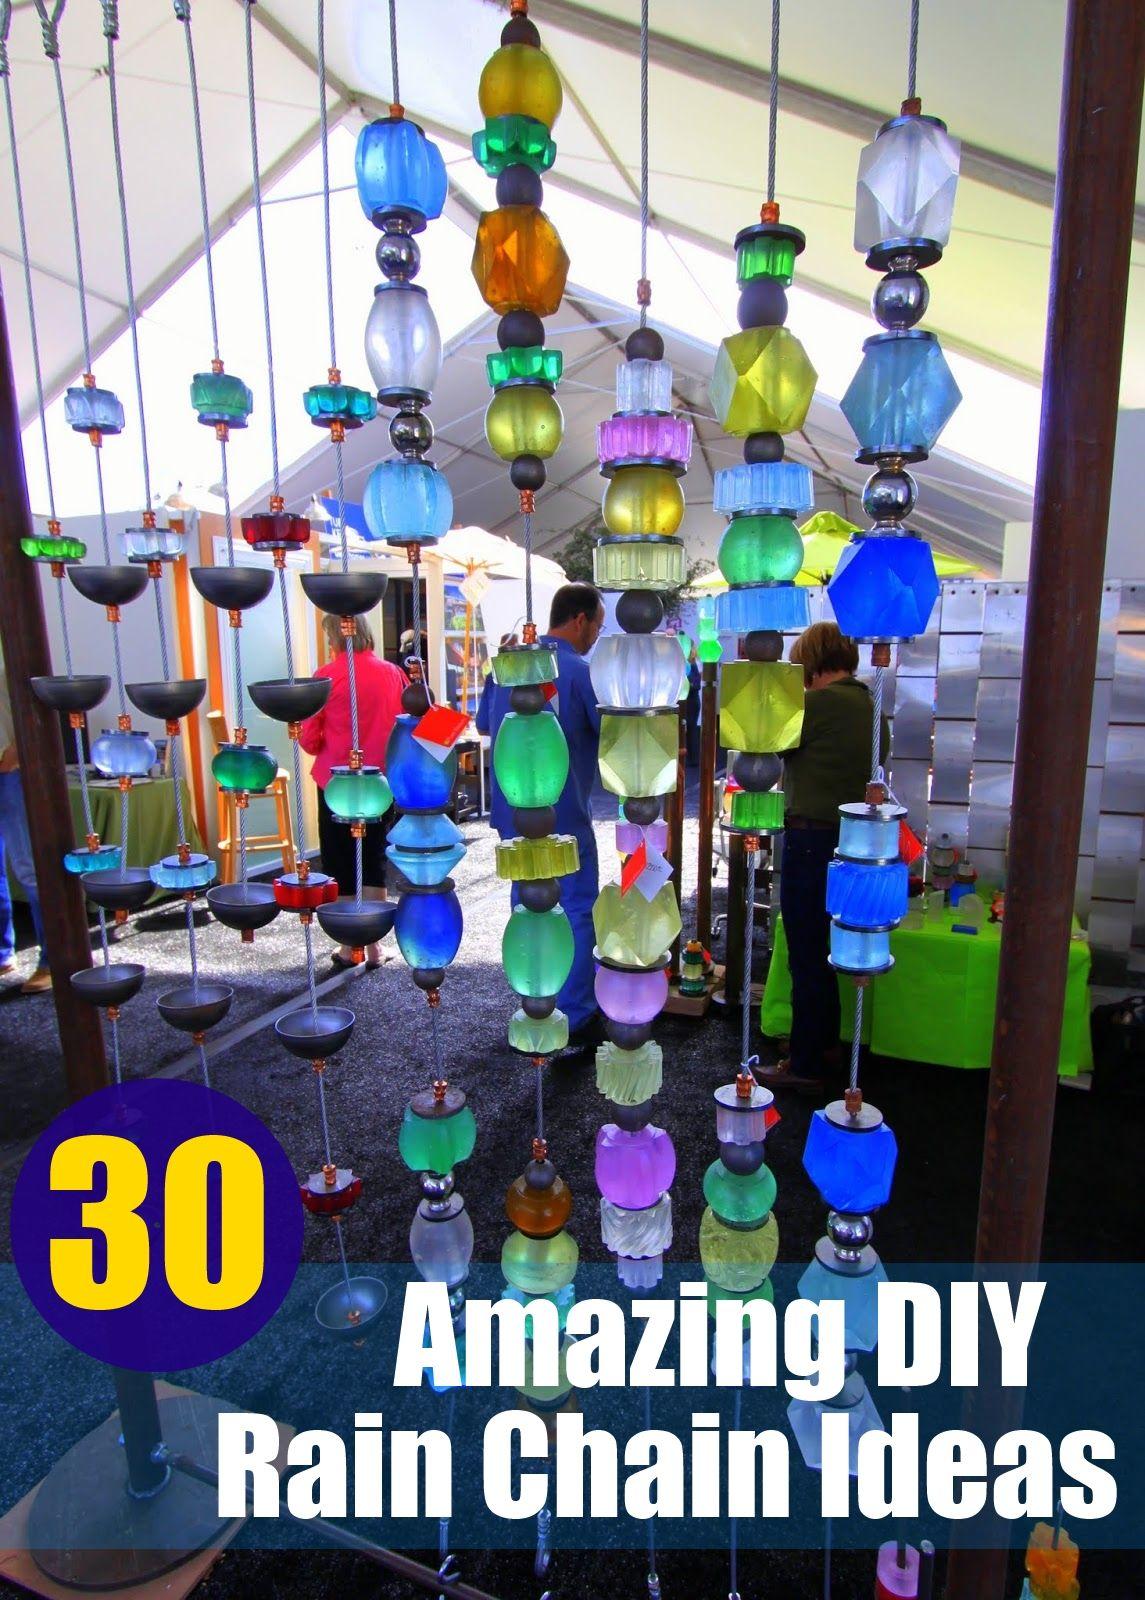 30 Amazing Diy Rain Chain Ideas Chaînes De Pluie 400 x 300